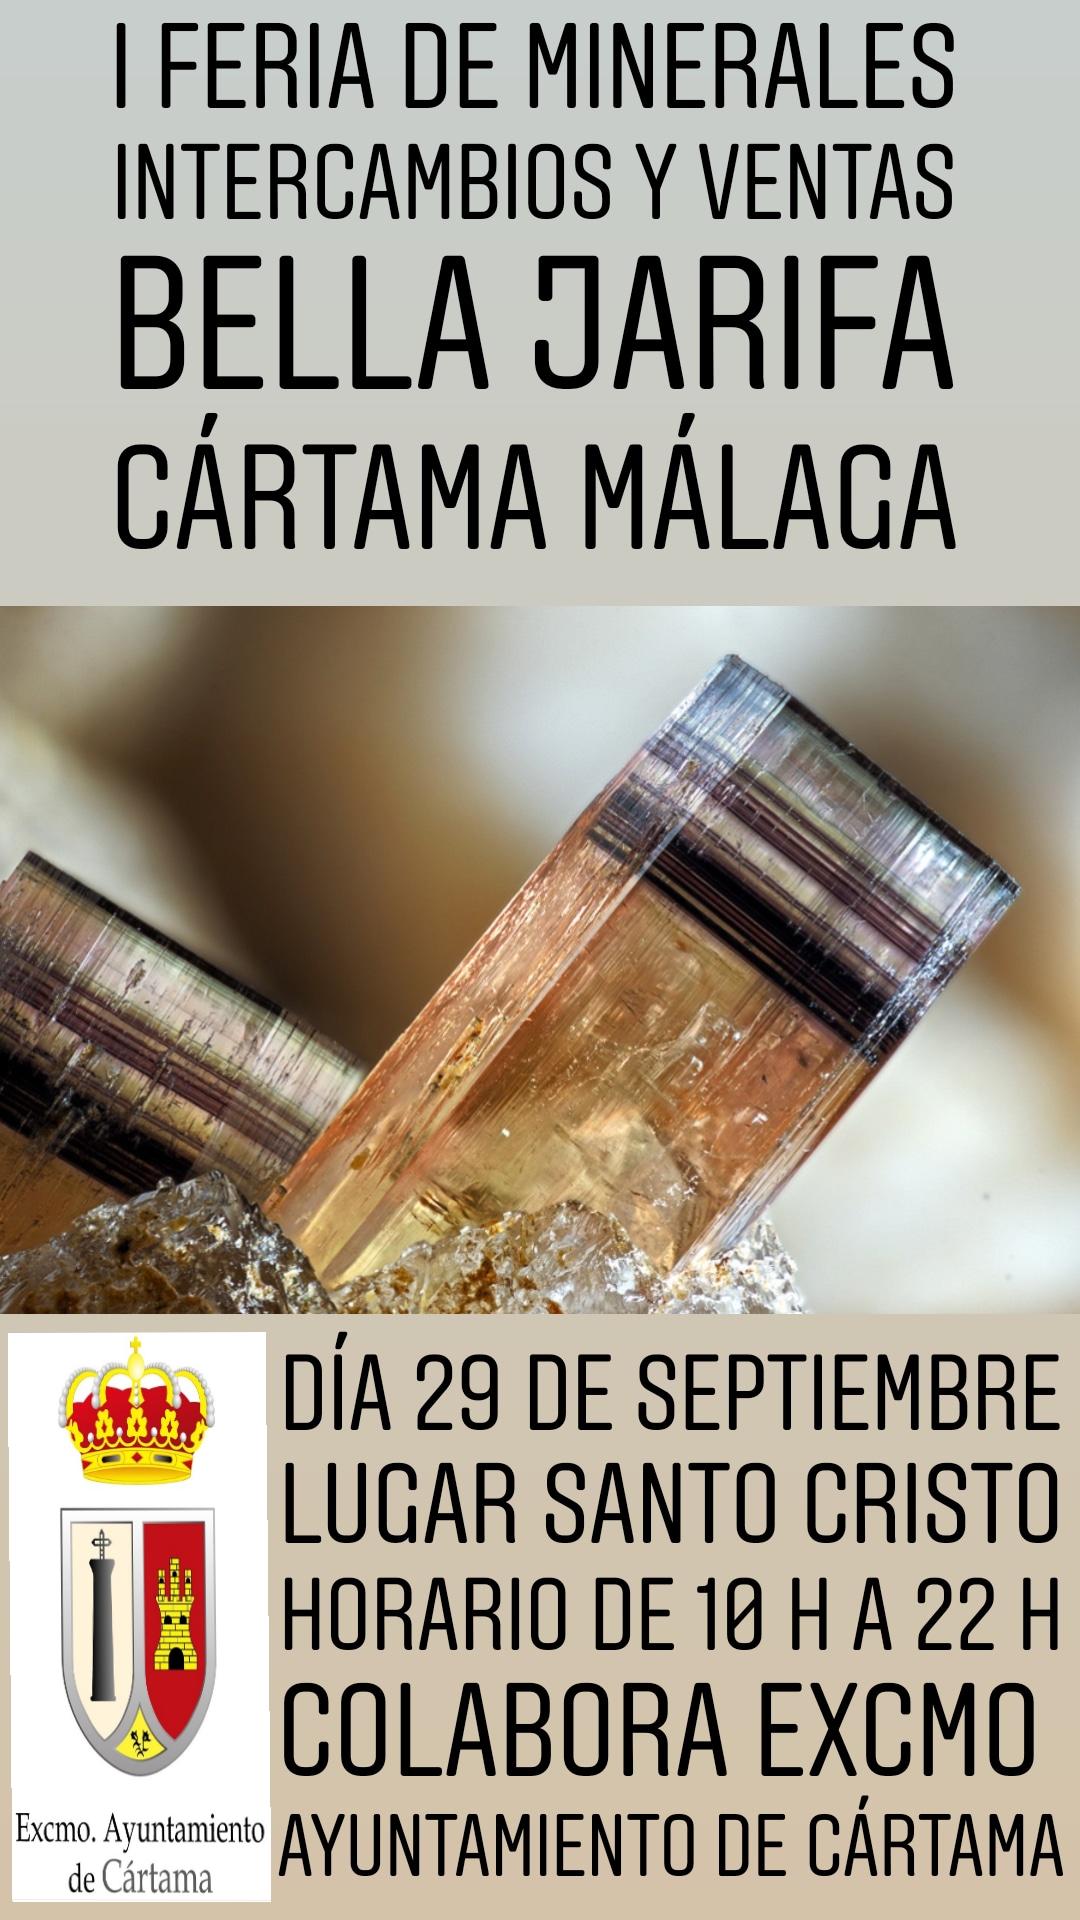 I Feria de minerales intercambio y venta de Cártama (MÁLAGA) 20180520